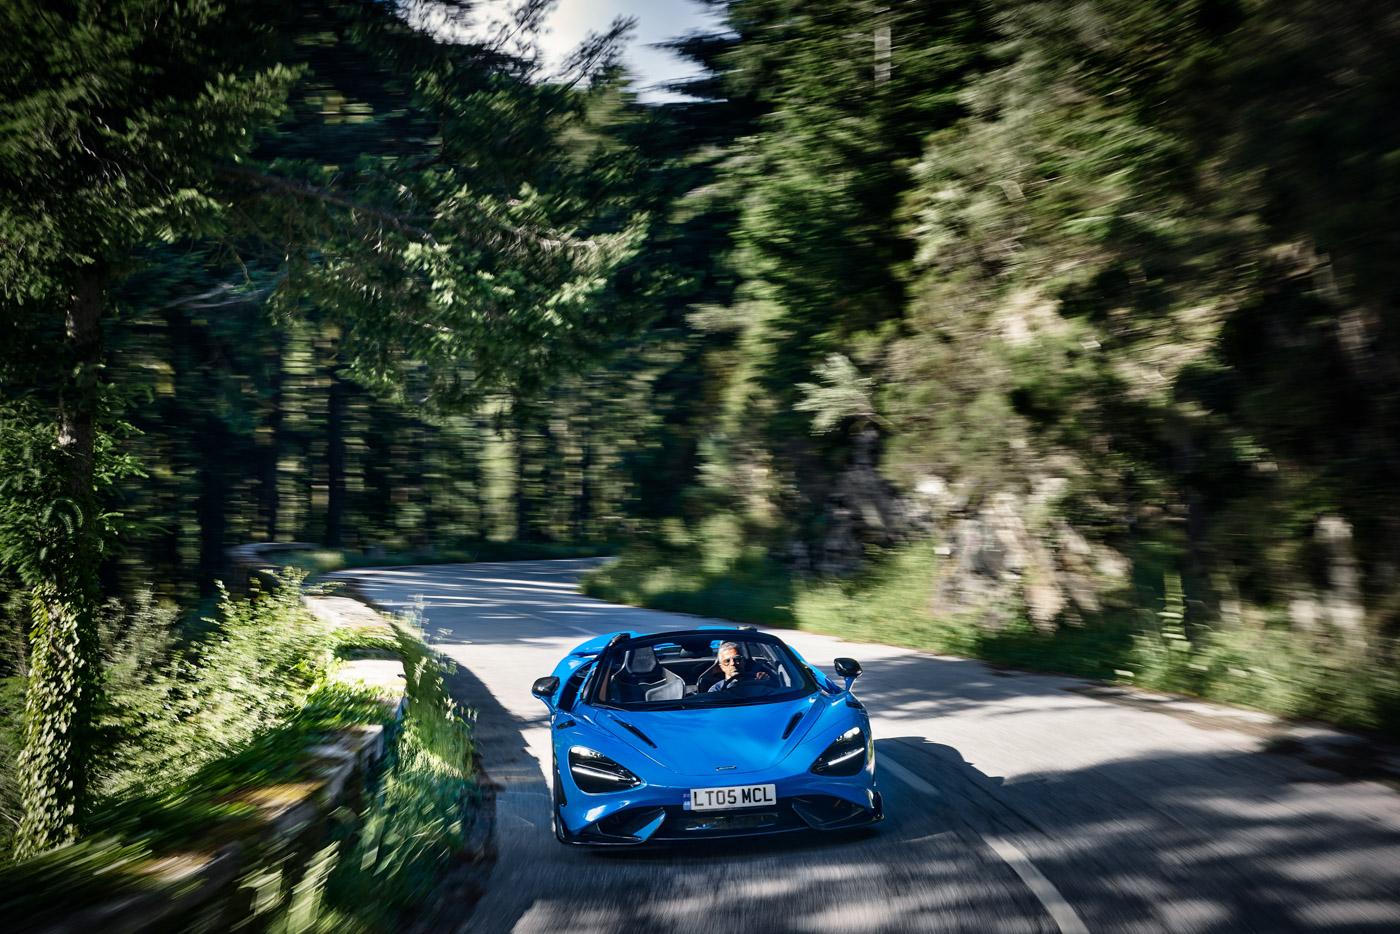 McLaren-765-LT-Spider-siêu-xe-mui-trần-hiệu-năng-cao-dẫn-đầu-phân-khúc-12.jpg